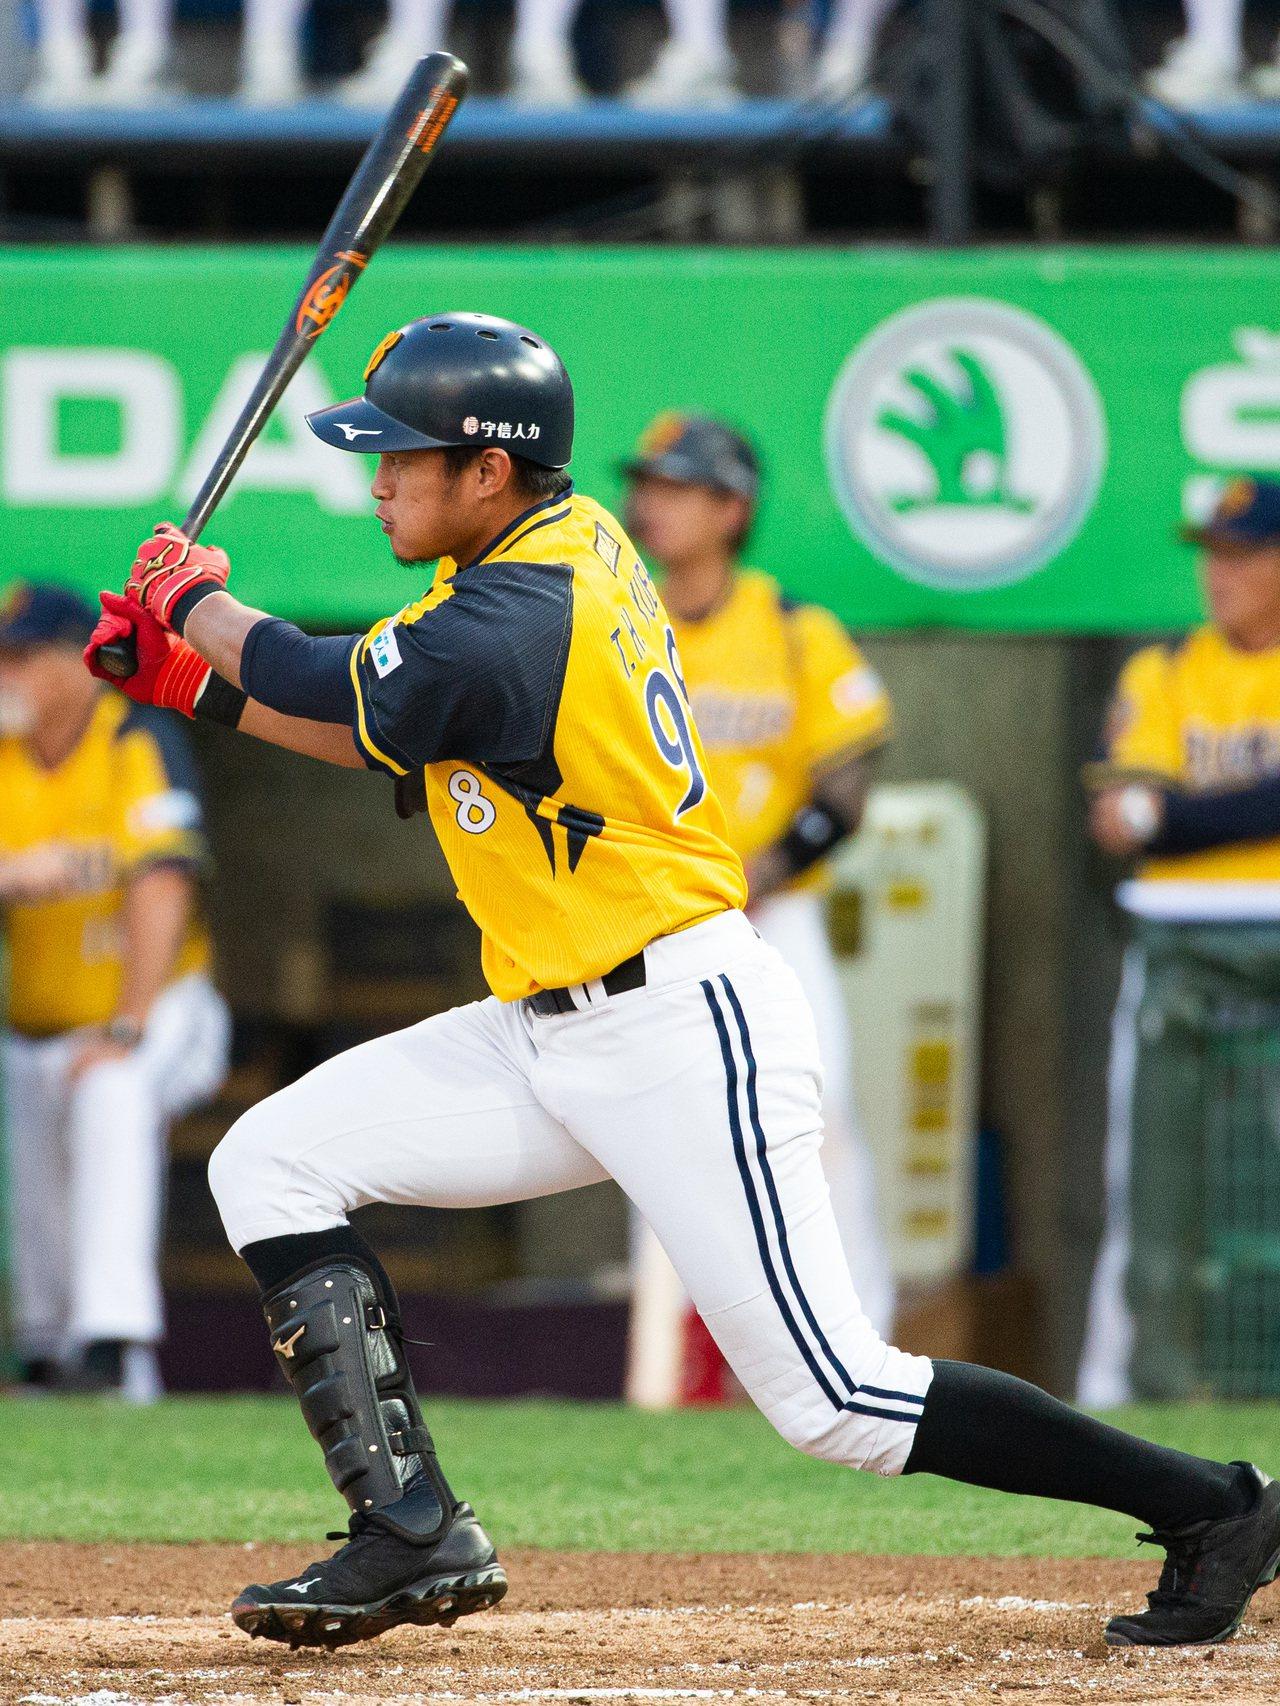 中職總冠軍賽第2戰今天在桃園國際棒球場開打,中信兄弟岳東華擊出勝利打點。記者季相...